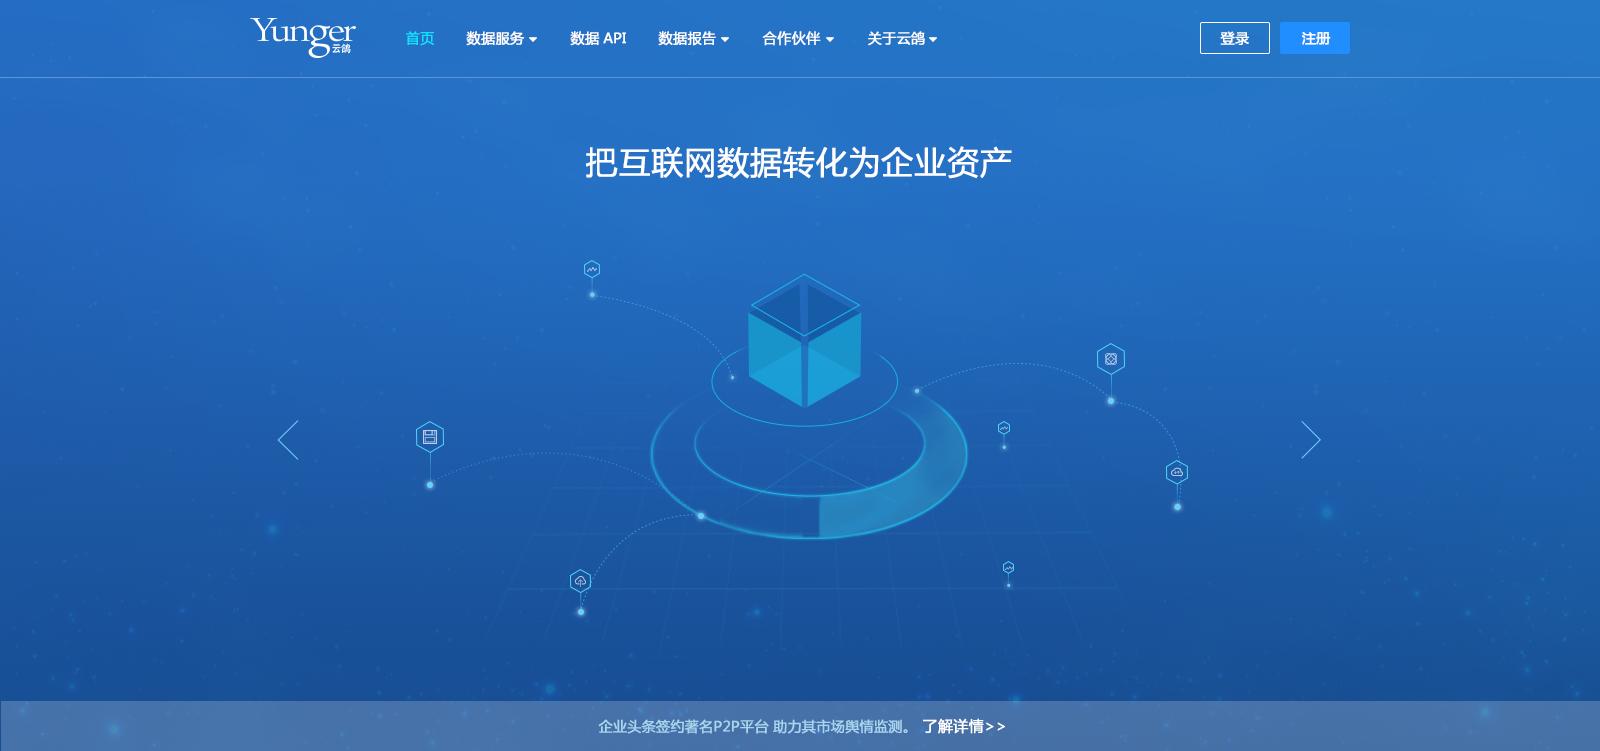 官网_官网设计